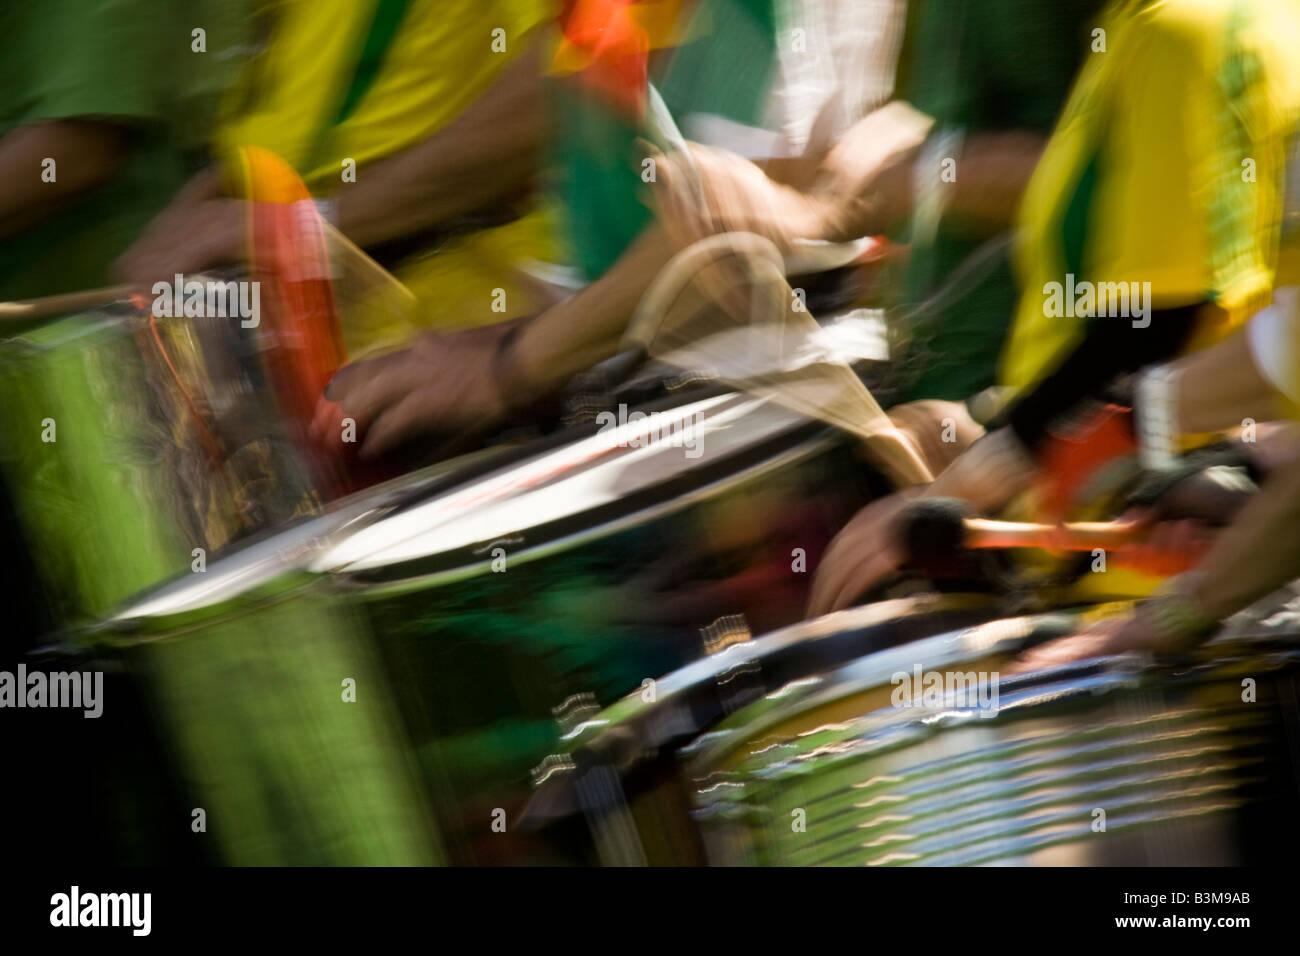 El Dalai Lama visita a Seattle 04 12 2008 Seattle Qwest Field Taiko drummers parte de la Procesión de las culturas Imagen De Stock